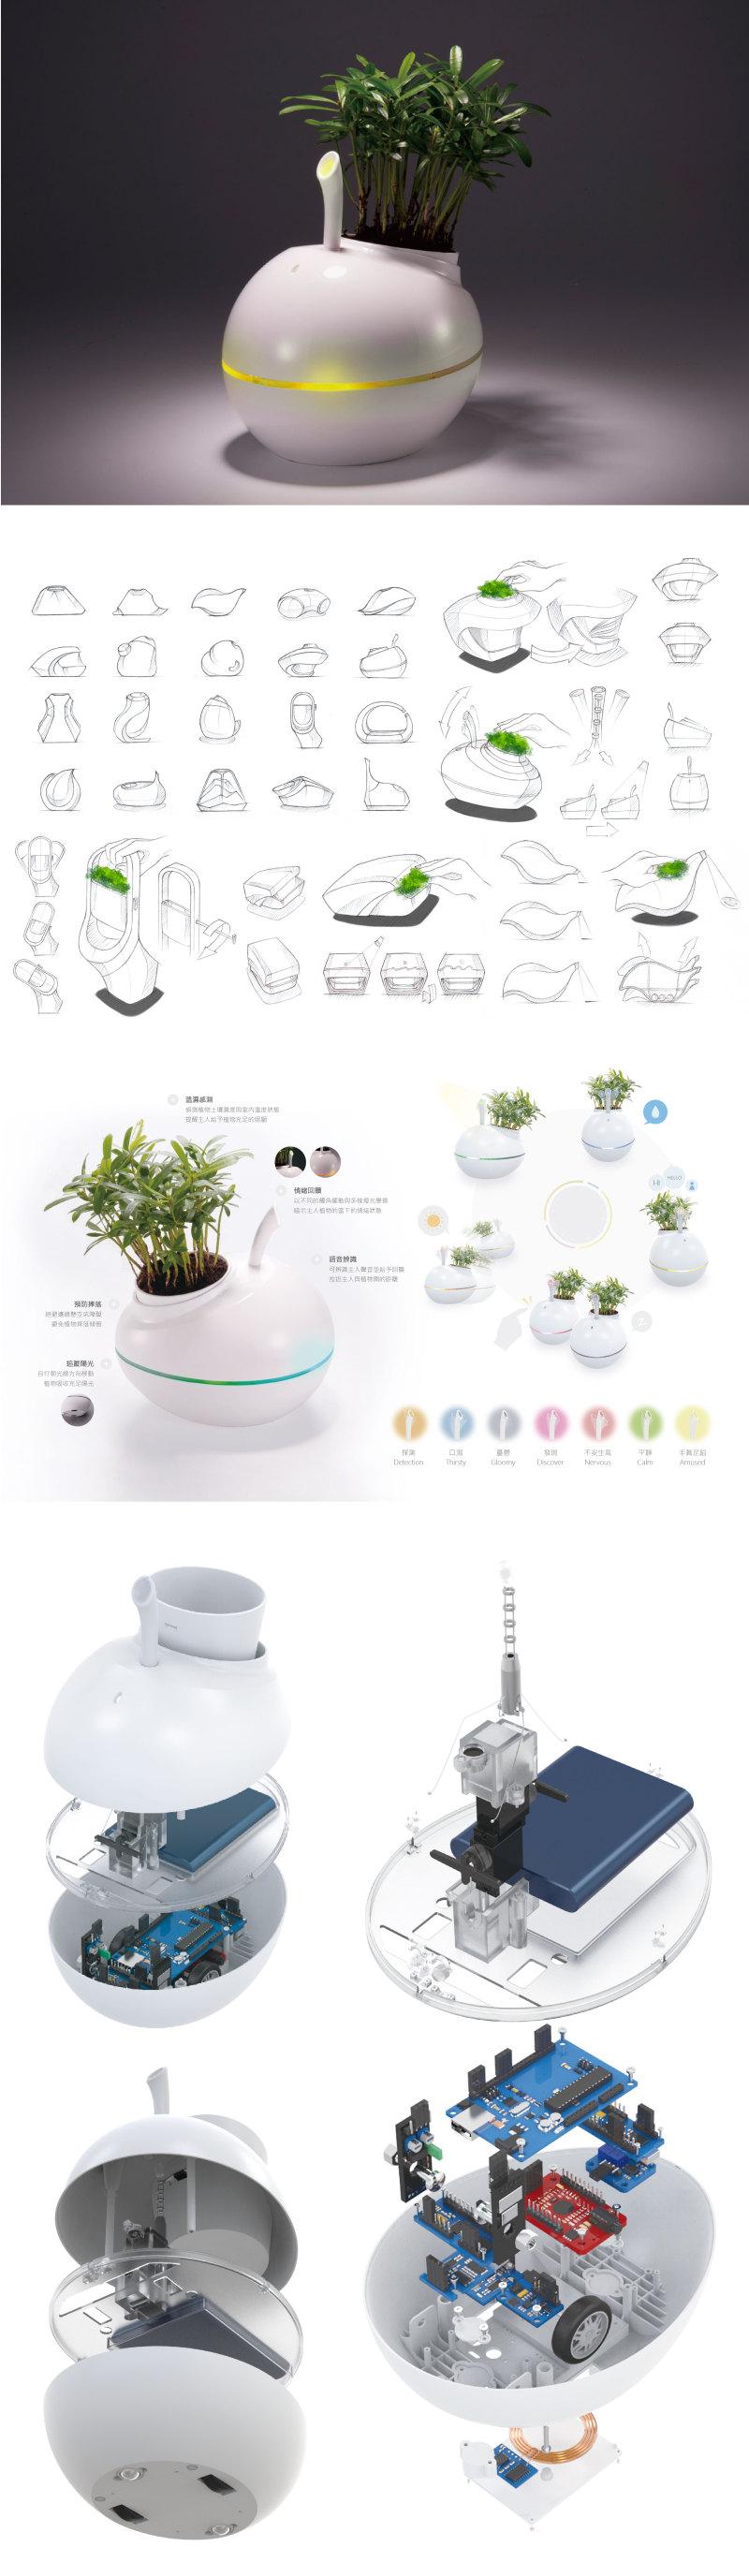 植物机器人